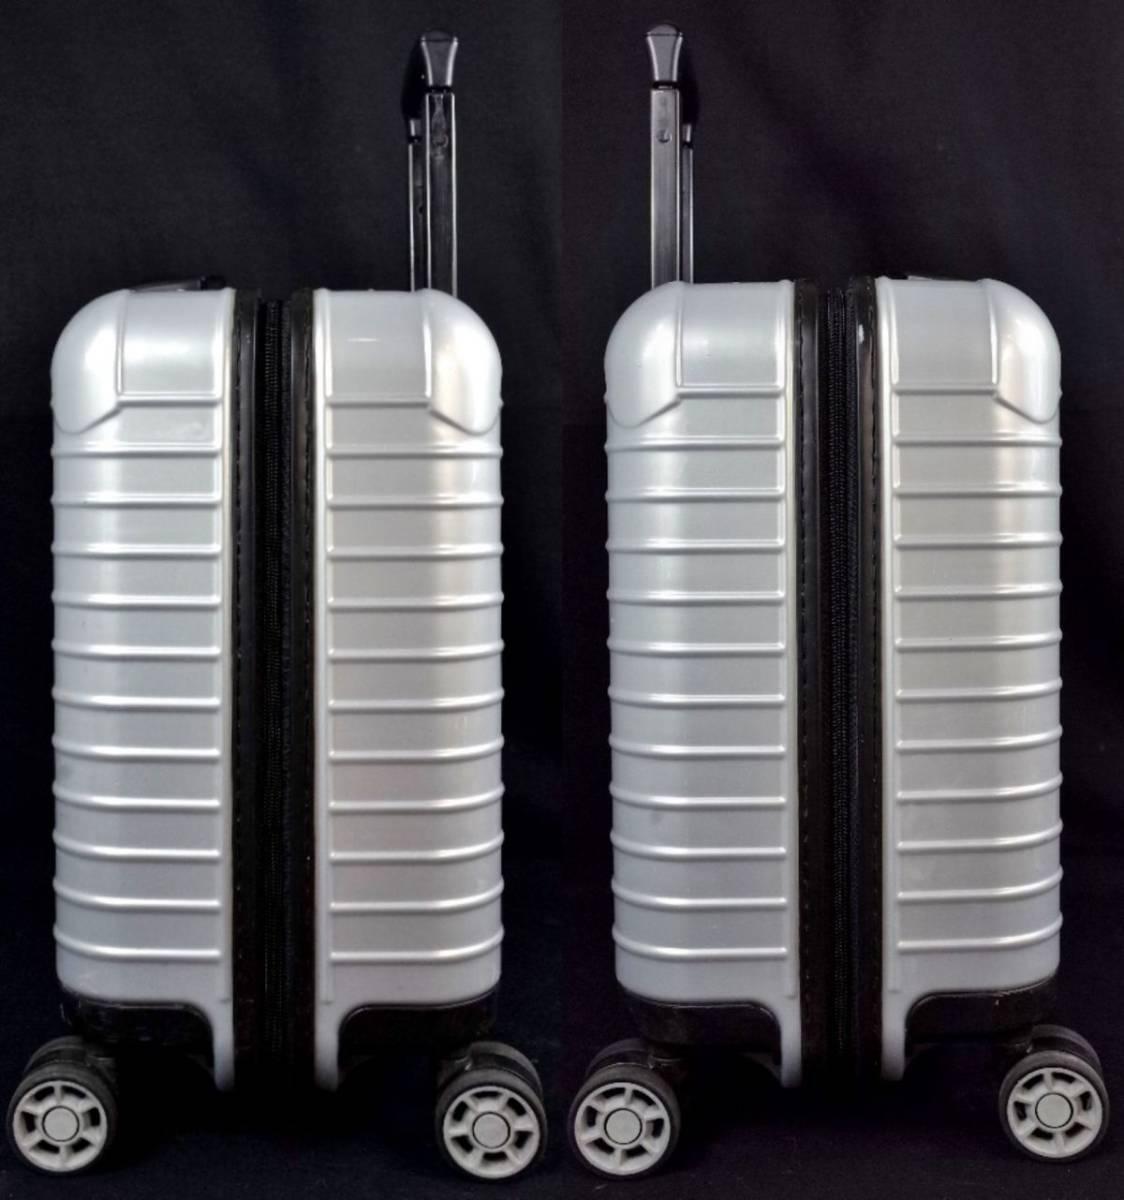 RIMOWA リモワ 844.40『SALSA サルサ』 ビジネス トローリー 4輪 TSAロック 27L(人気完売色:クラッシックシルバー) 美品  _画像6